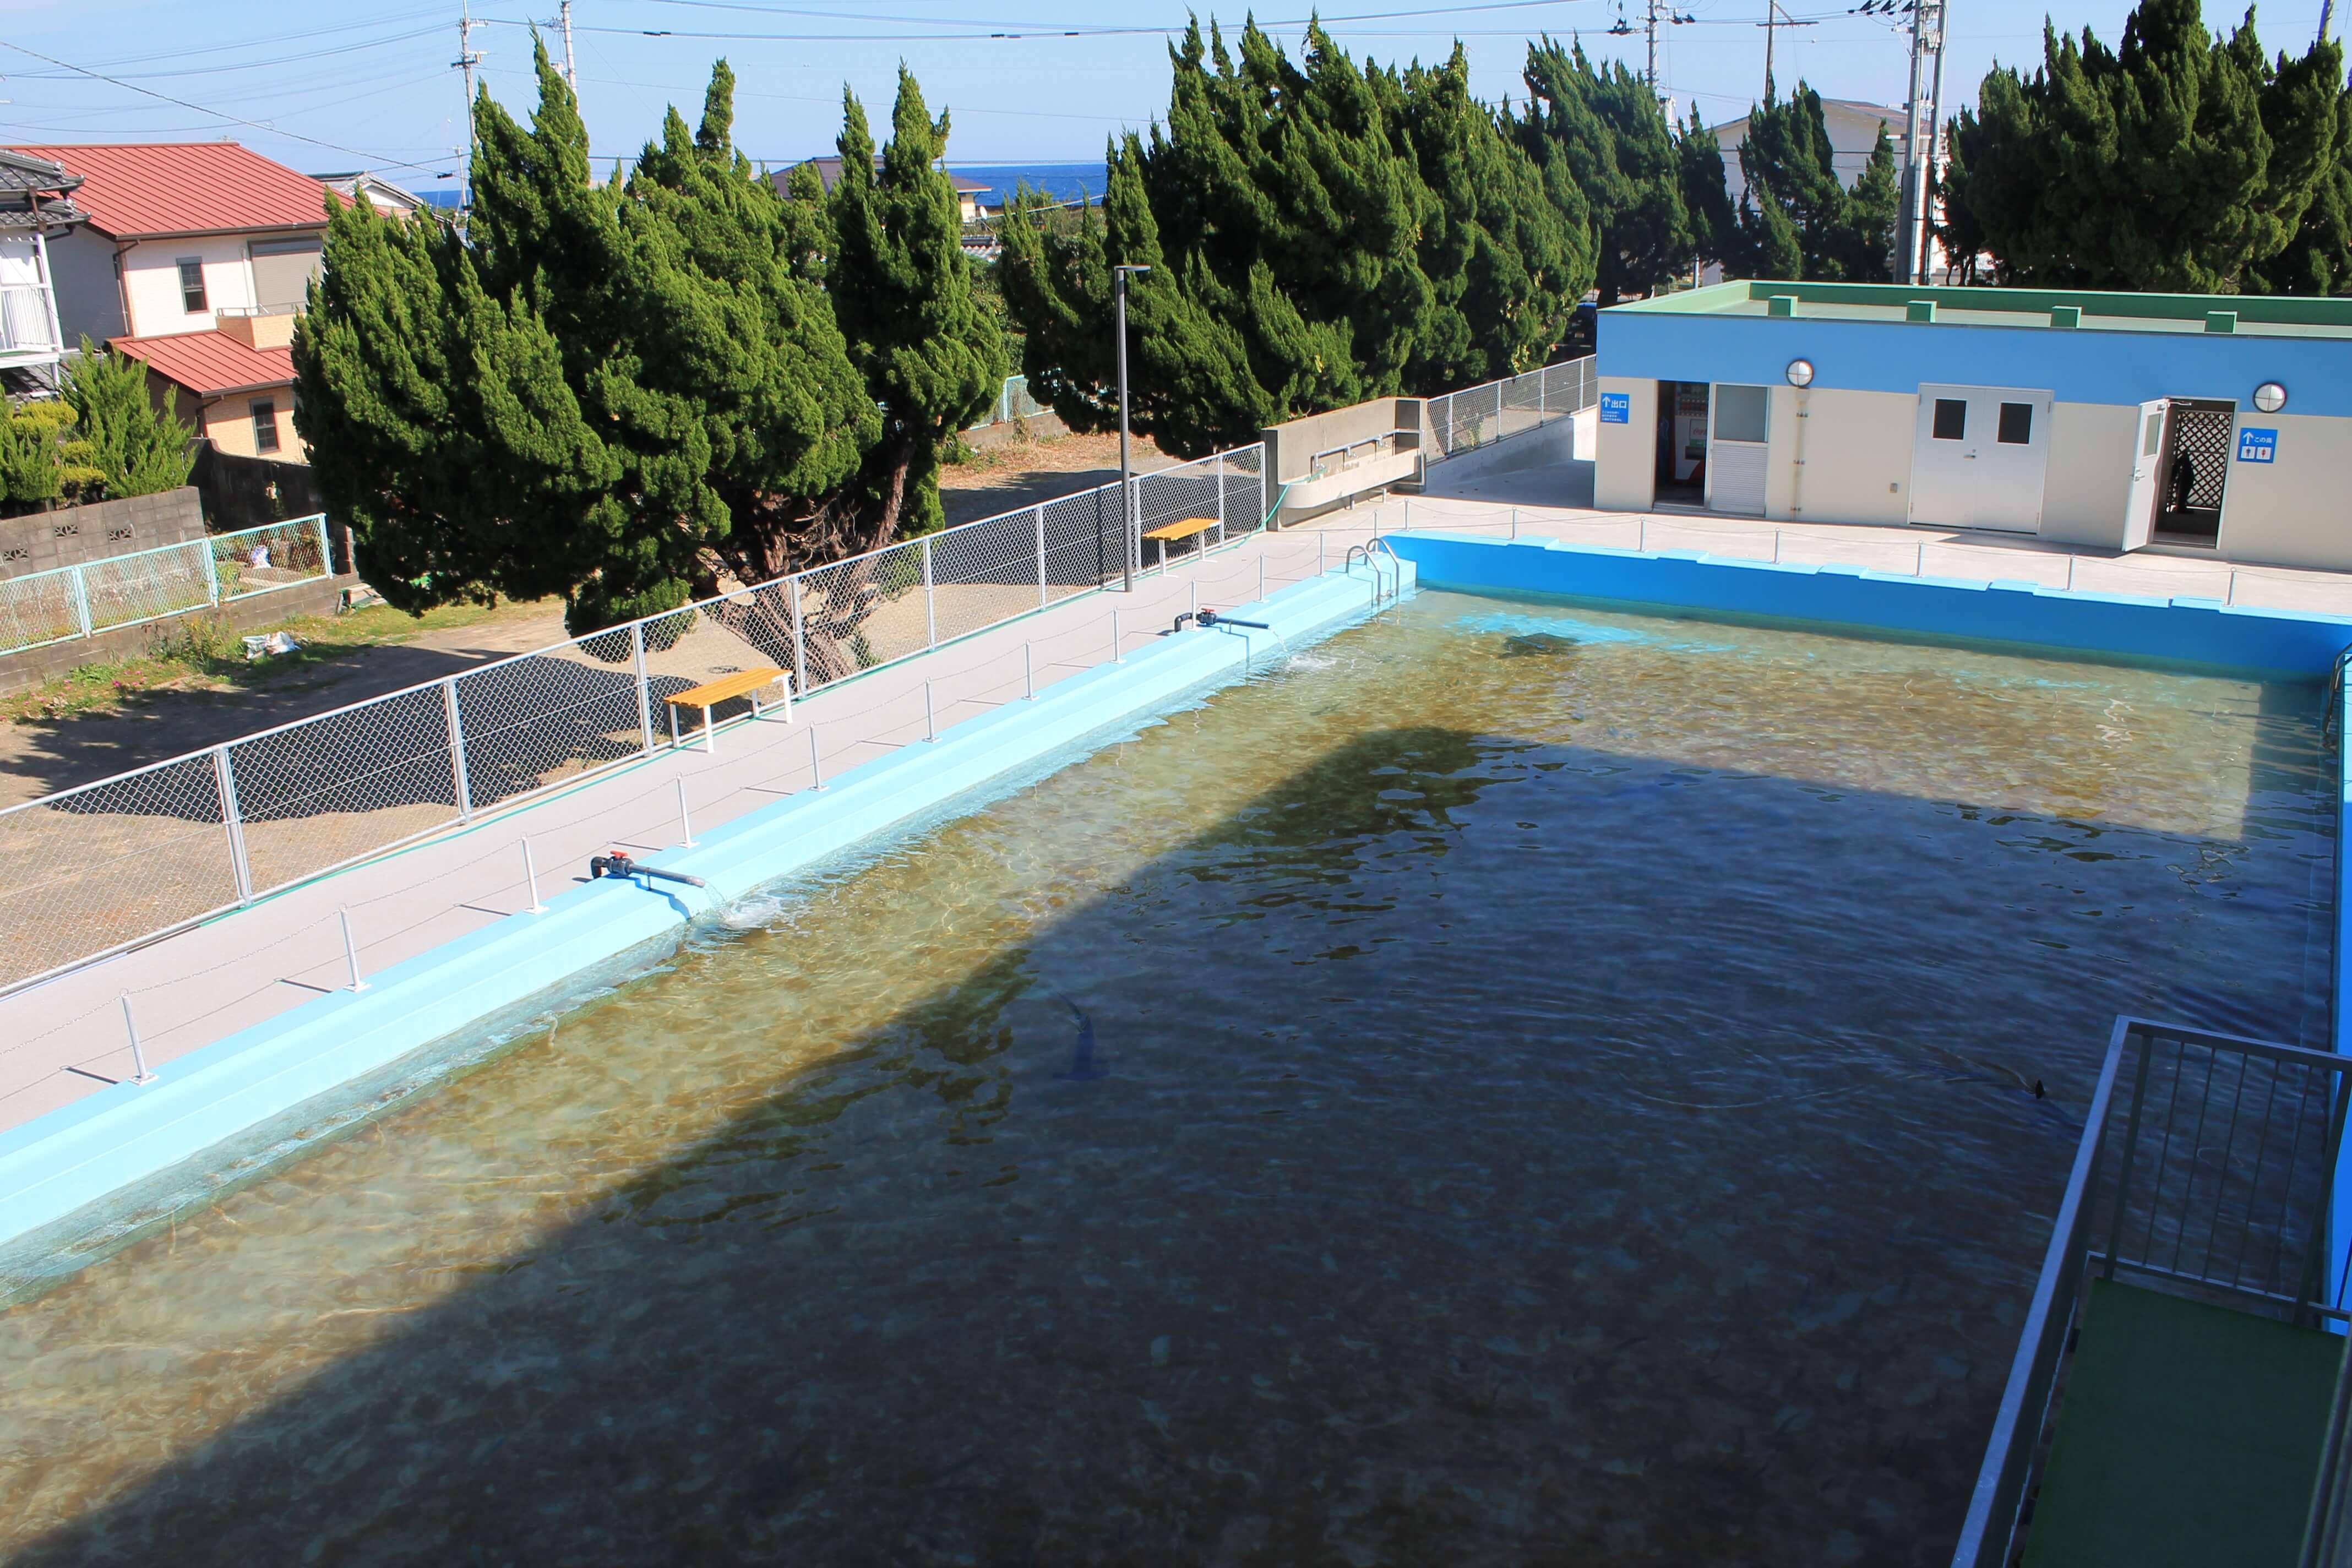 むろと廃校水族館:大プール展示